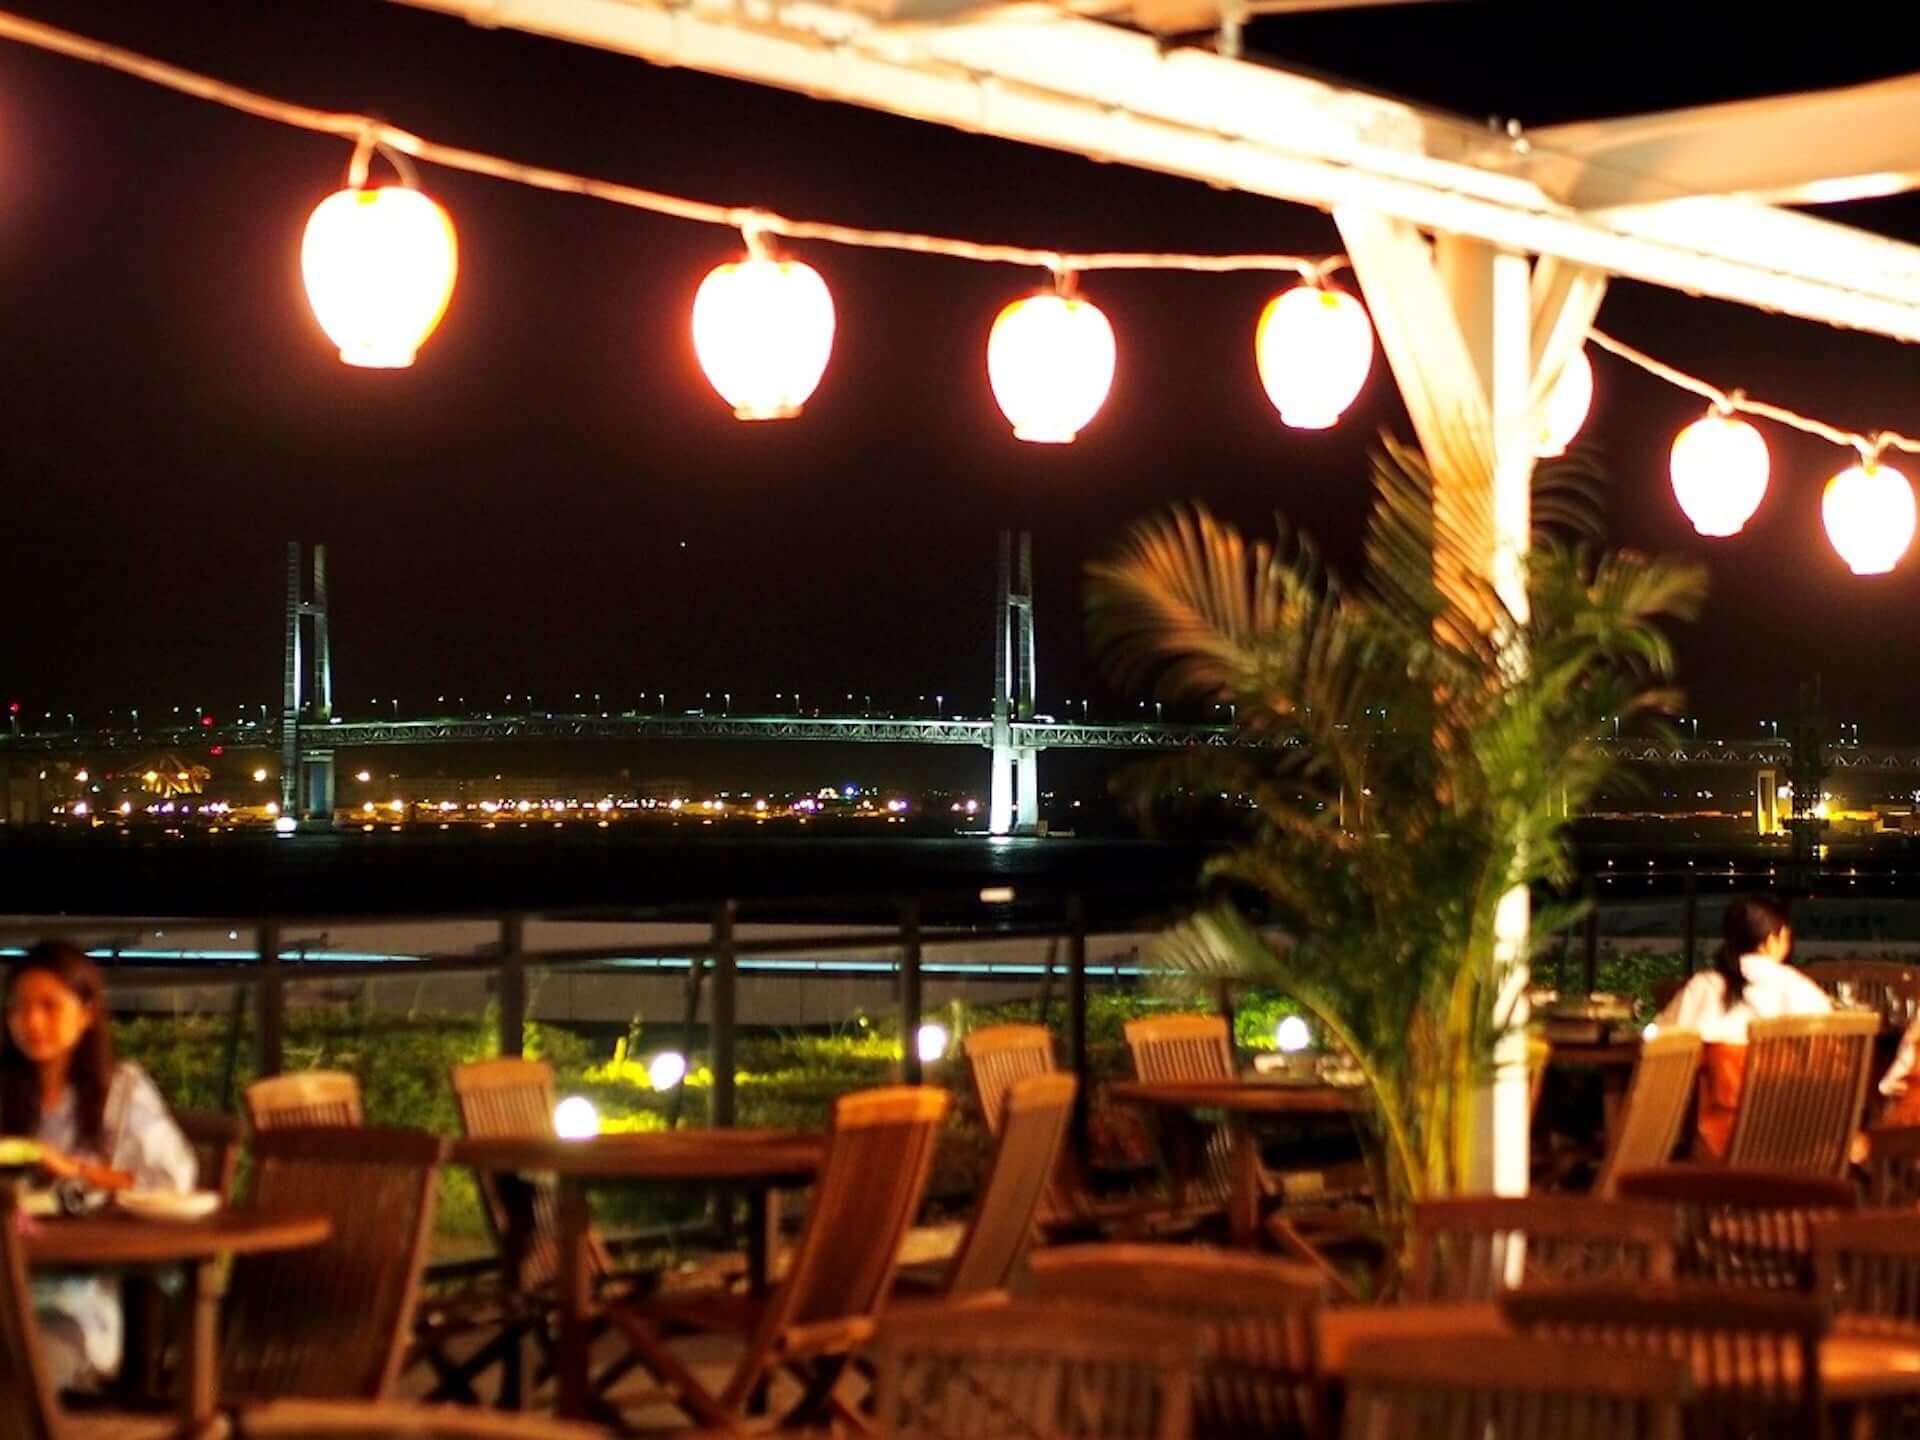 ビアガーデンと温泉を一緒に楽しもう!横浜港を臨むBBQビアガーデンが現在開催中! lifefashion190725beergarden_2-1920x1440